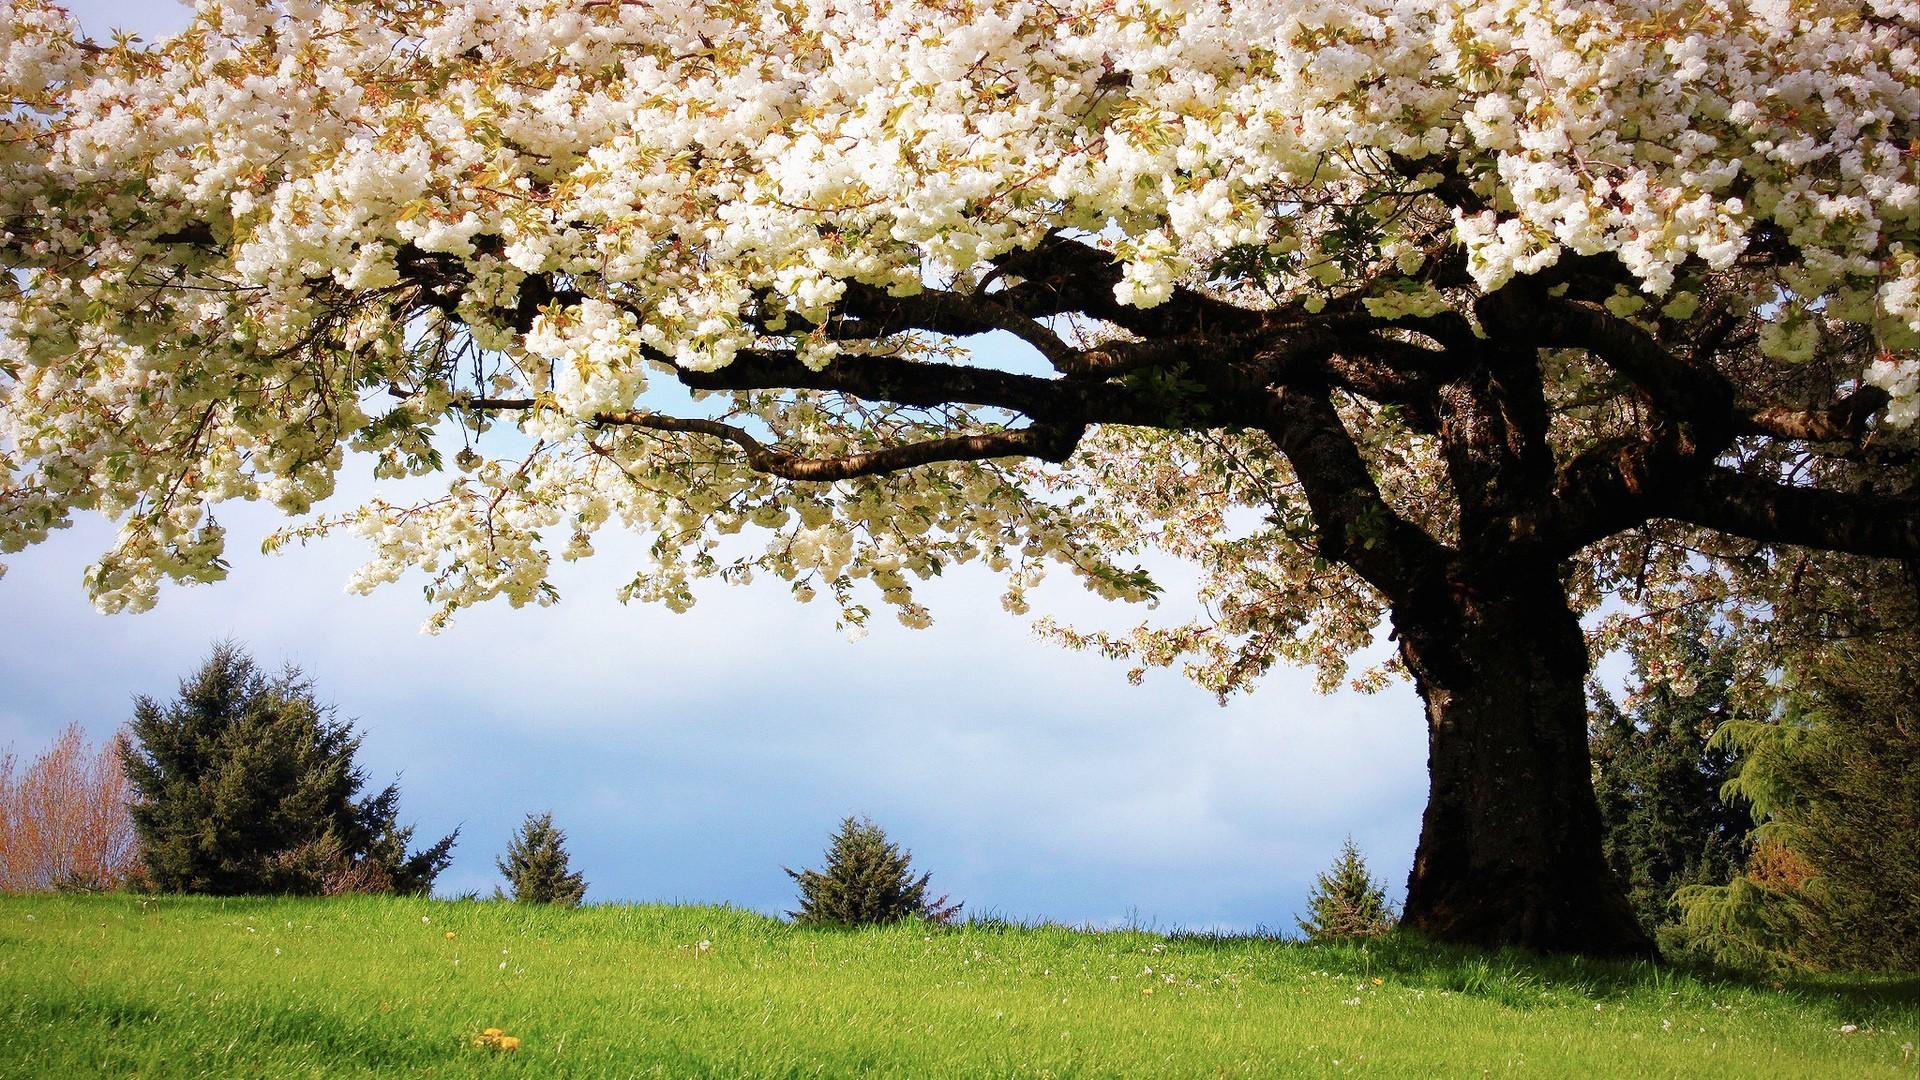 Картинки деревьев и цветов